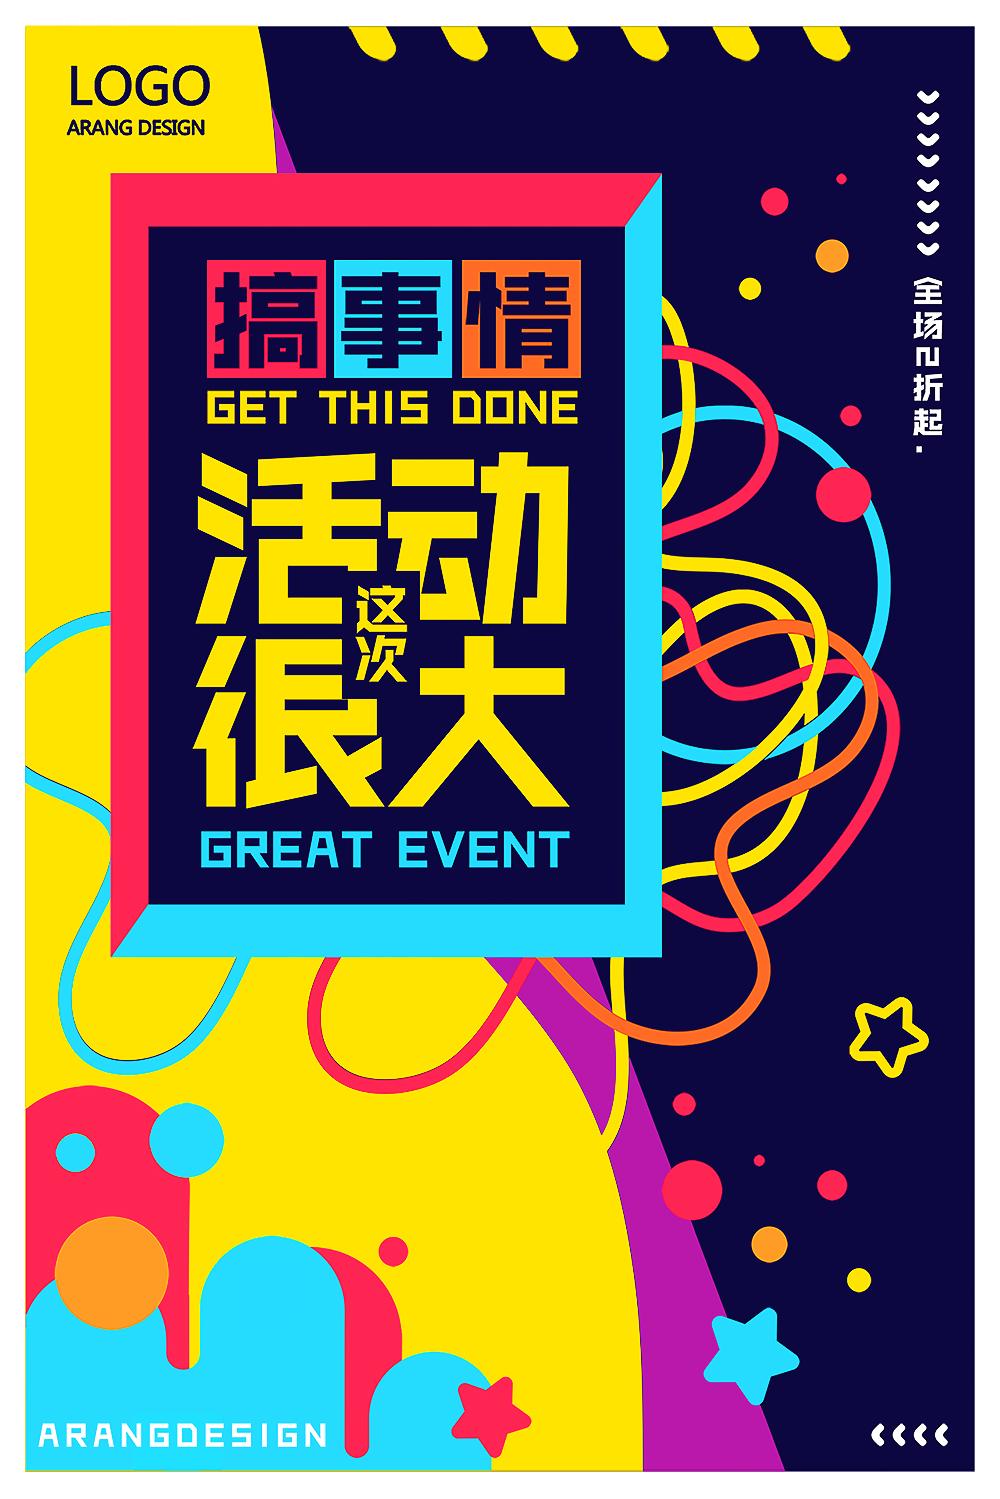 搞事情之商场商家促销活动海报设计